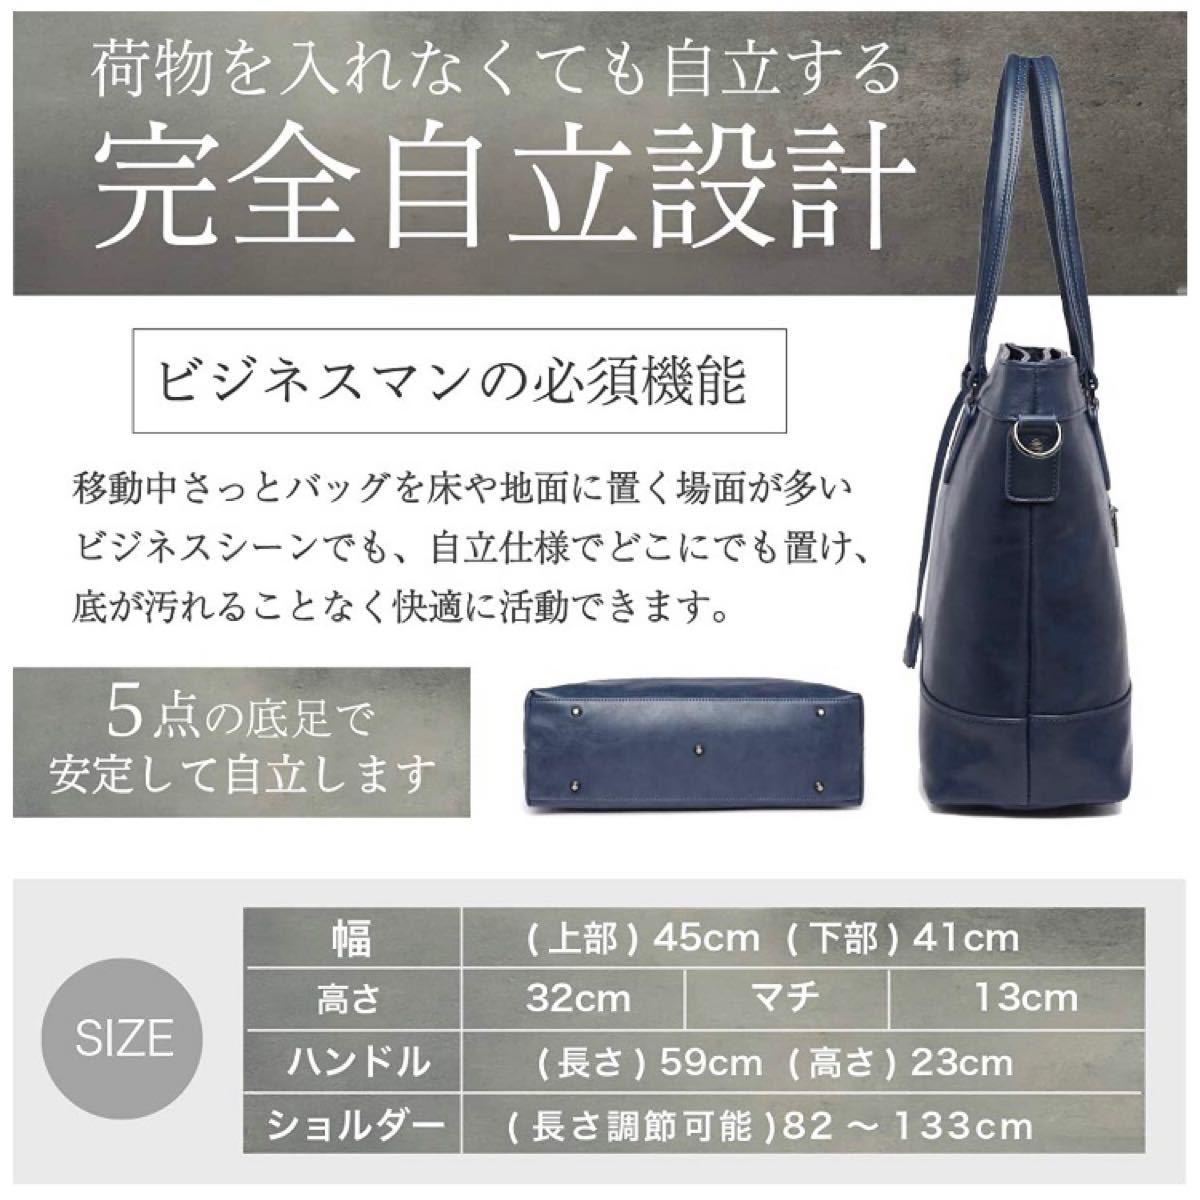 ビジネスバッグ メンズショルダートートバッグA4 ネイビー大容量